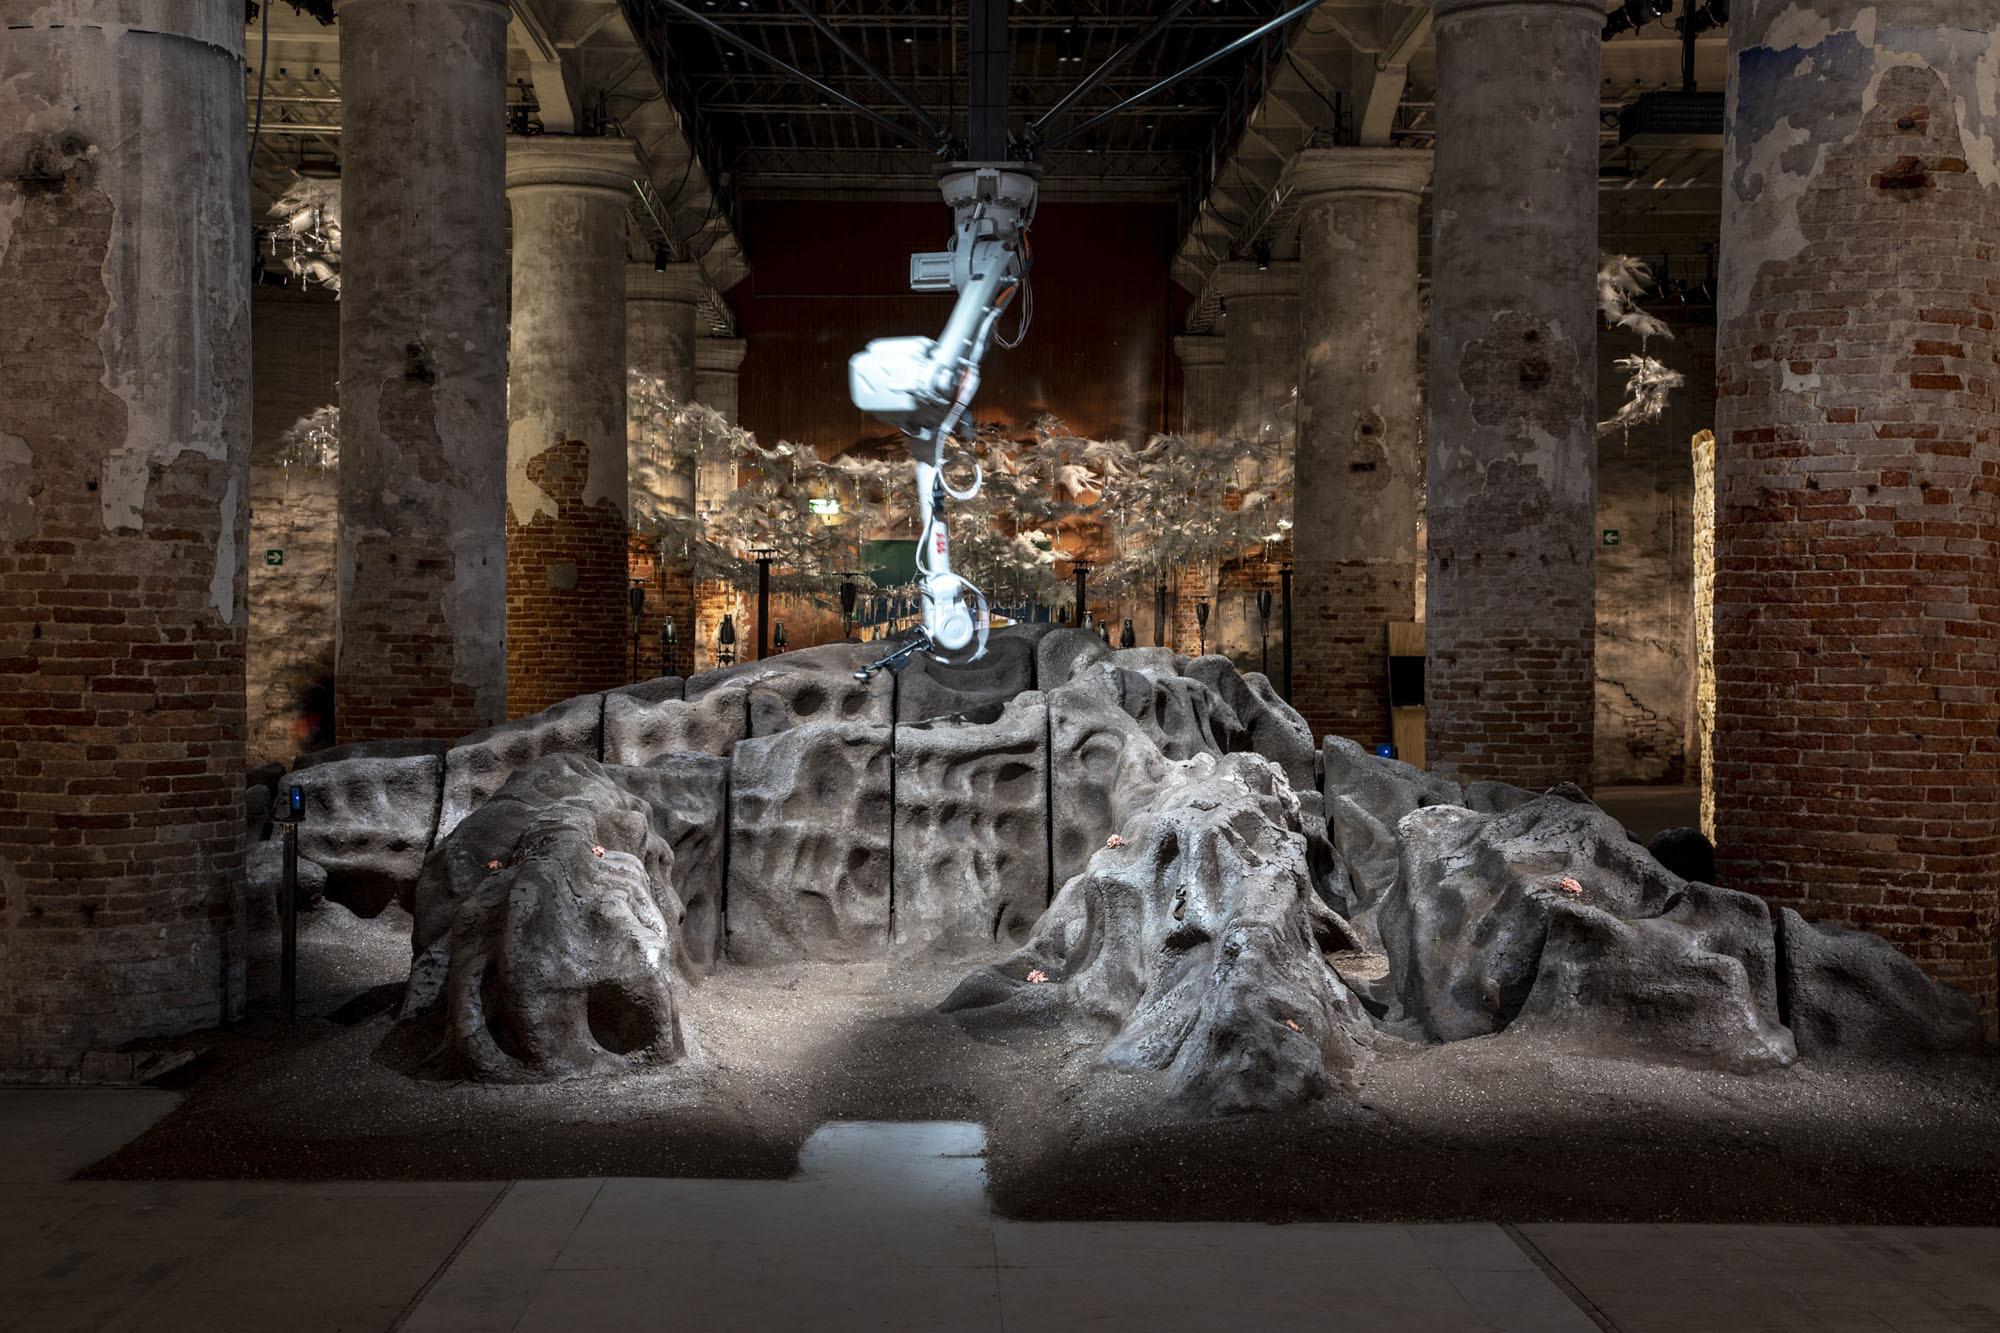 MAEID [Büro für Architektur und transmediale Kunst] /Magic Queen [from the Artificial Ecologies series], 2020 / Foto:Marco Zorzanello /Courtesy: La Biennale di Venezia